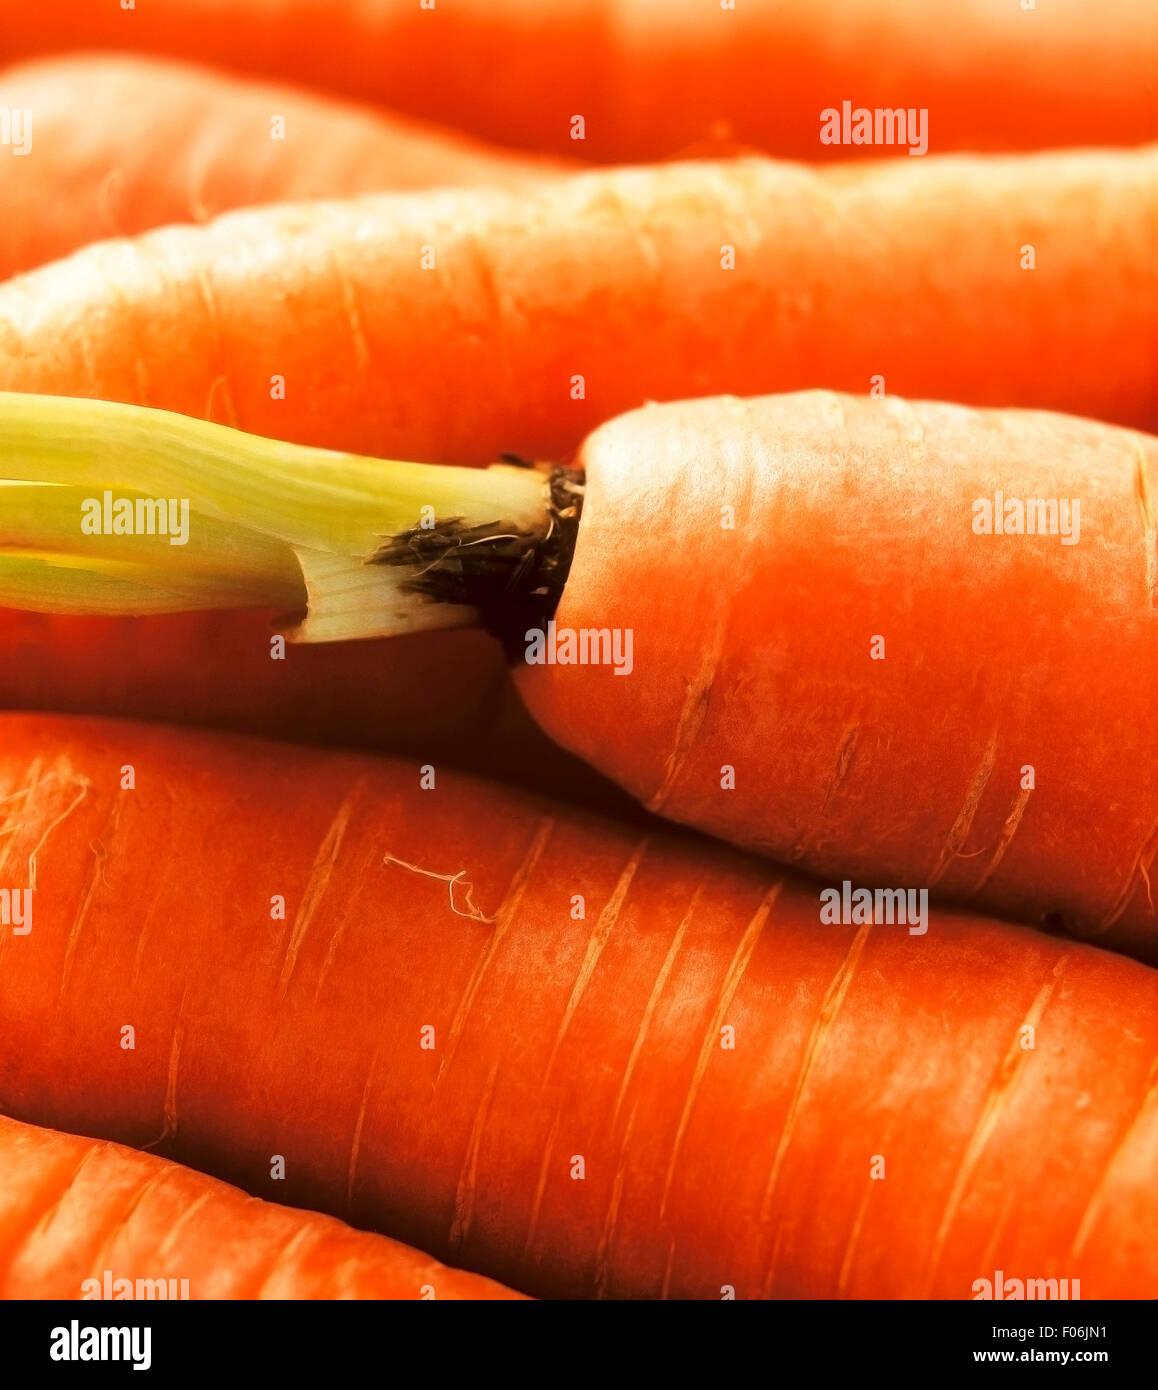 Die Nahaufnahme von frischen roten Karotten Stockfoto